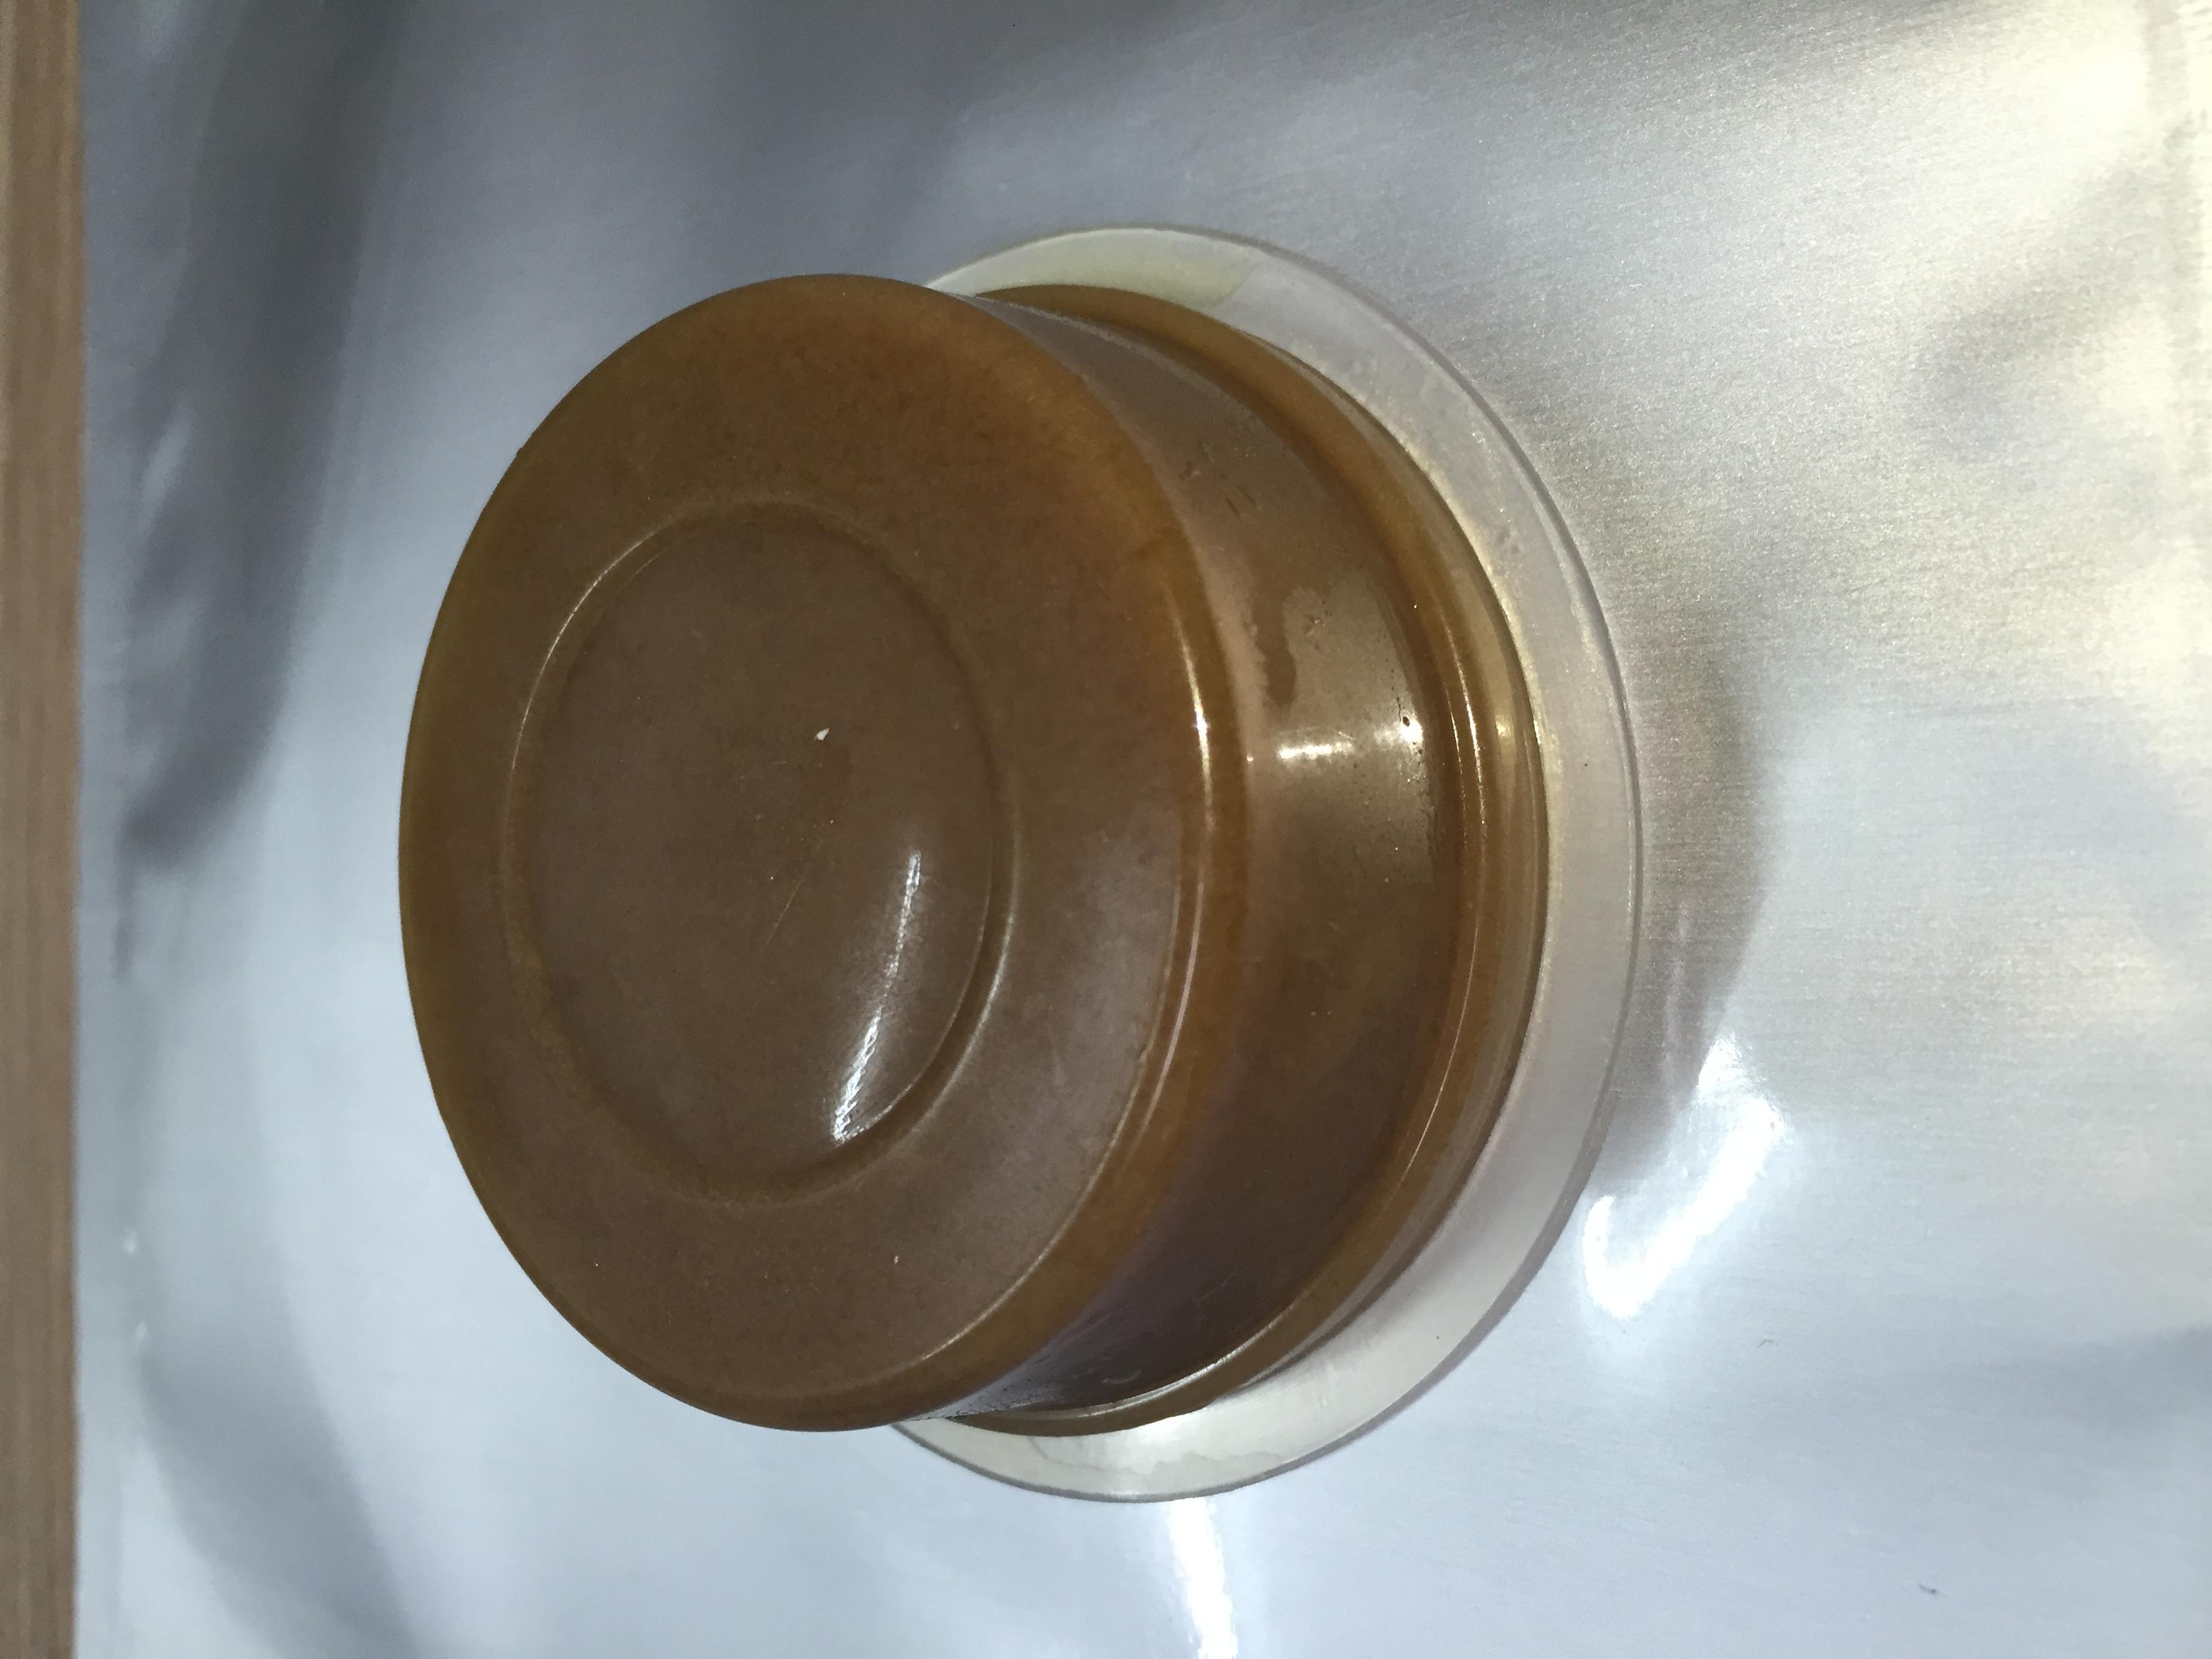 睿迪大小鼠饲料液体饲料造模饲料营养动物果冻